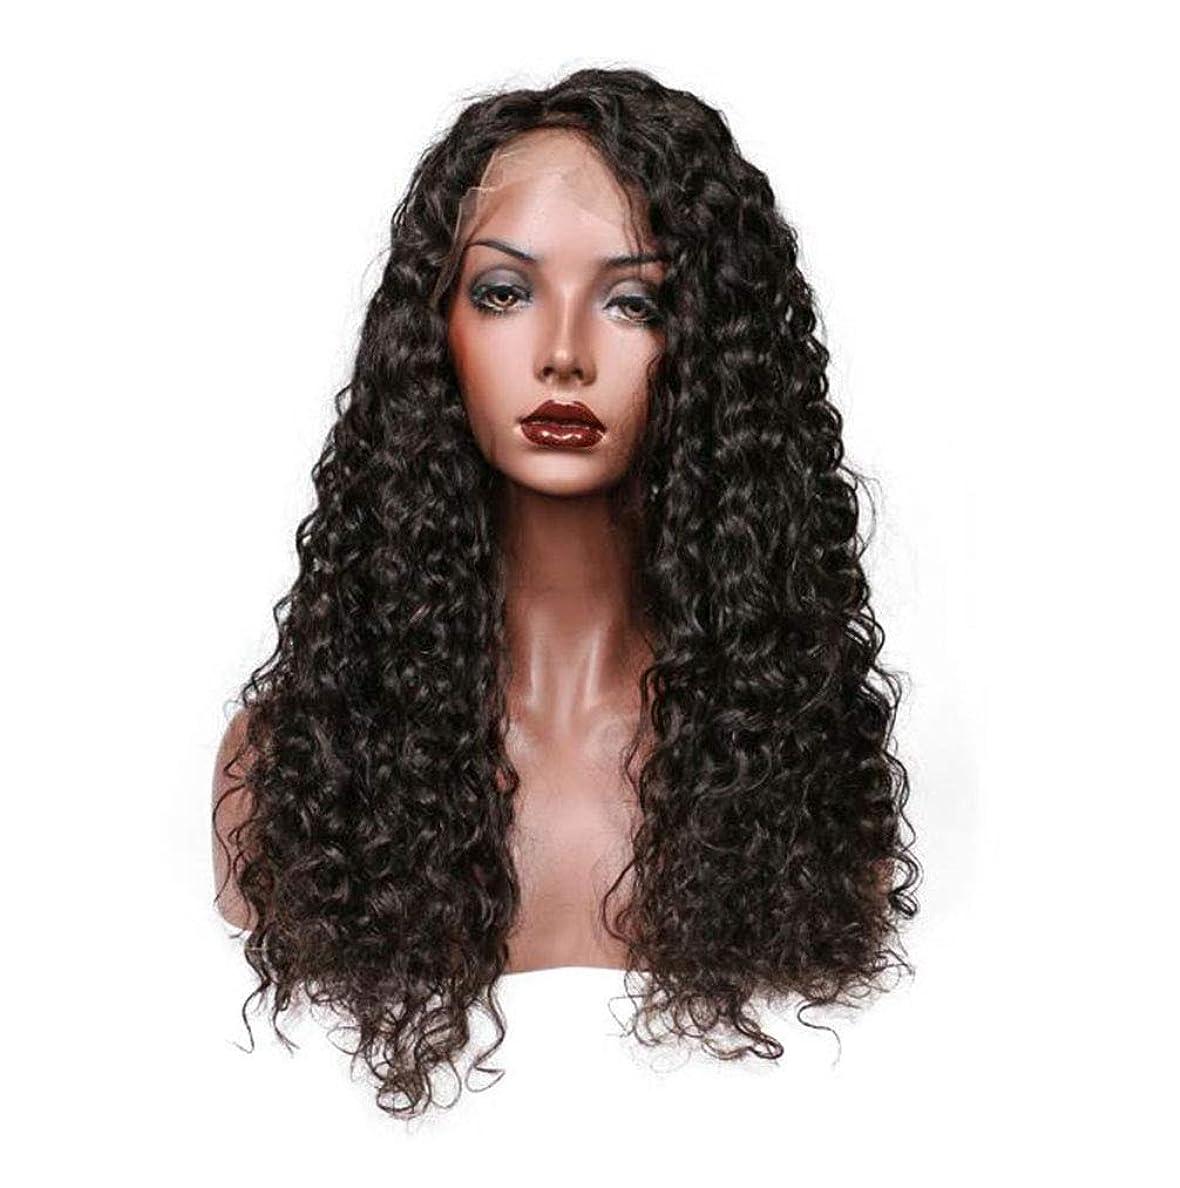 ノート不屈ガードレースフロントかつらディープカーリー人間の髪の毛130%密度天然バージンヘア、黒人女性用事前摘み取った未処理のバージン人毛ウィッグ,14inch